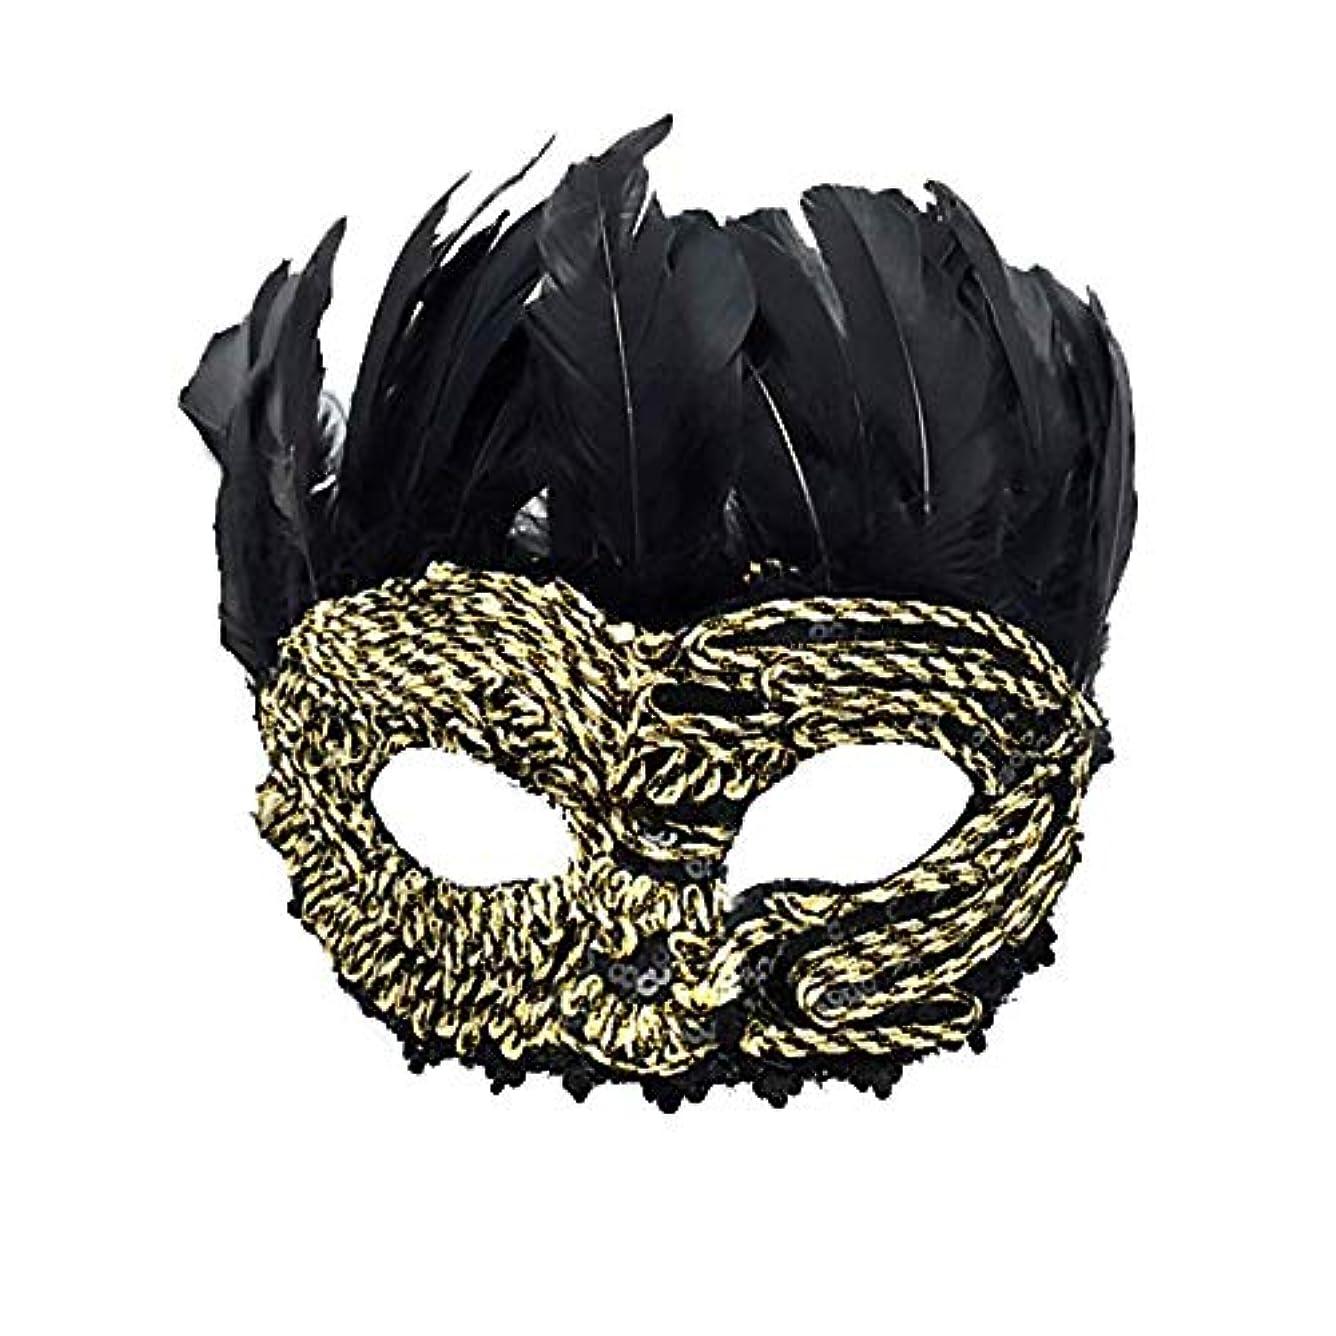 ドキドキ再撮り所属Nanle ハロウィーンクリスマスレースフェザースパンコール刺繍マスク仮装マスクレディーメンズミスプリンセス美容祭パーティーデコレーションマスク(カップルモデル) (色 : Style B)